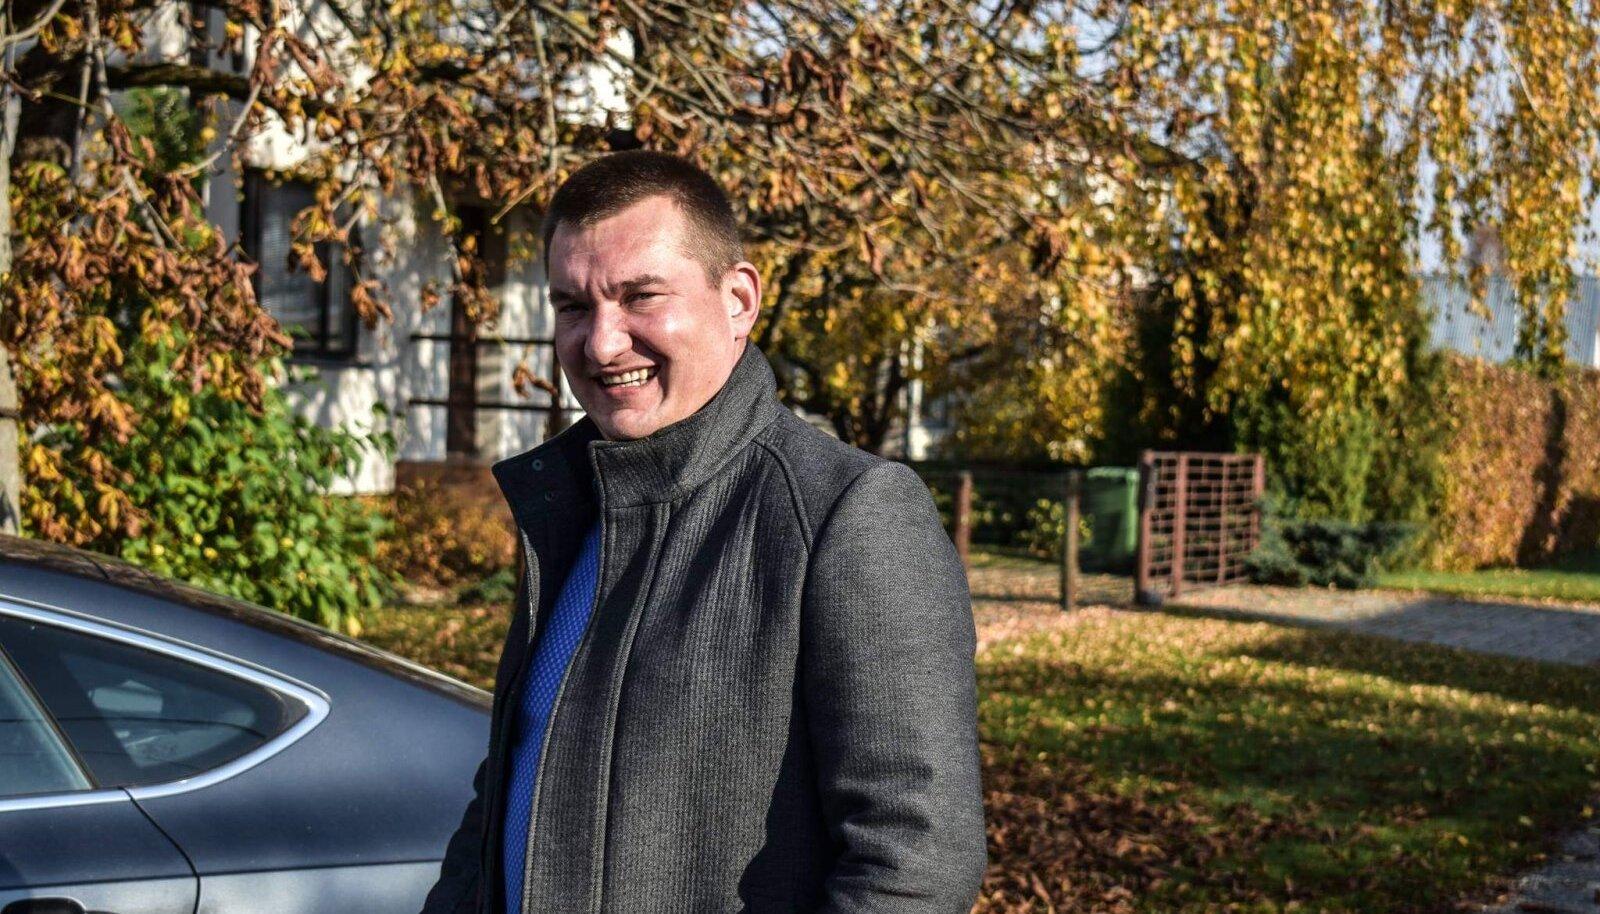 Paide linnavolikogu liige Janis Tikk kuulub Isamaa erakonda.